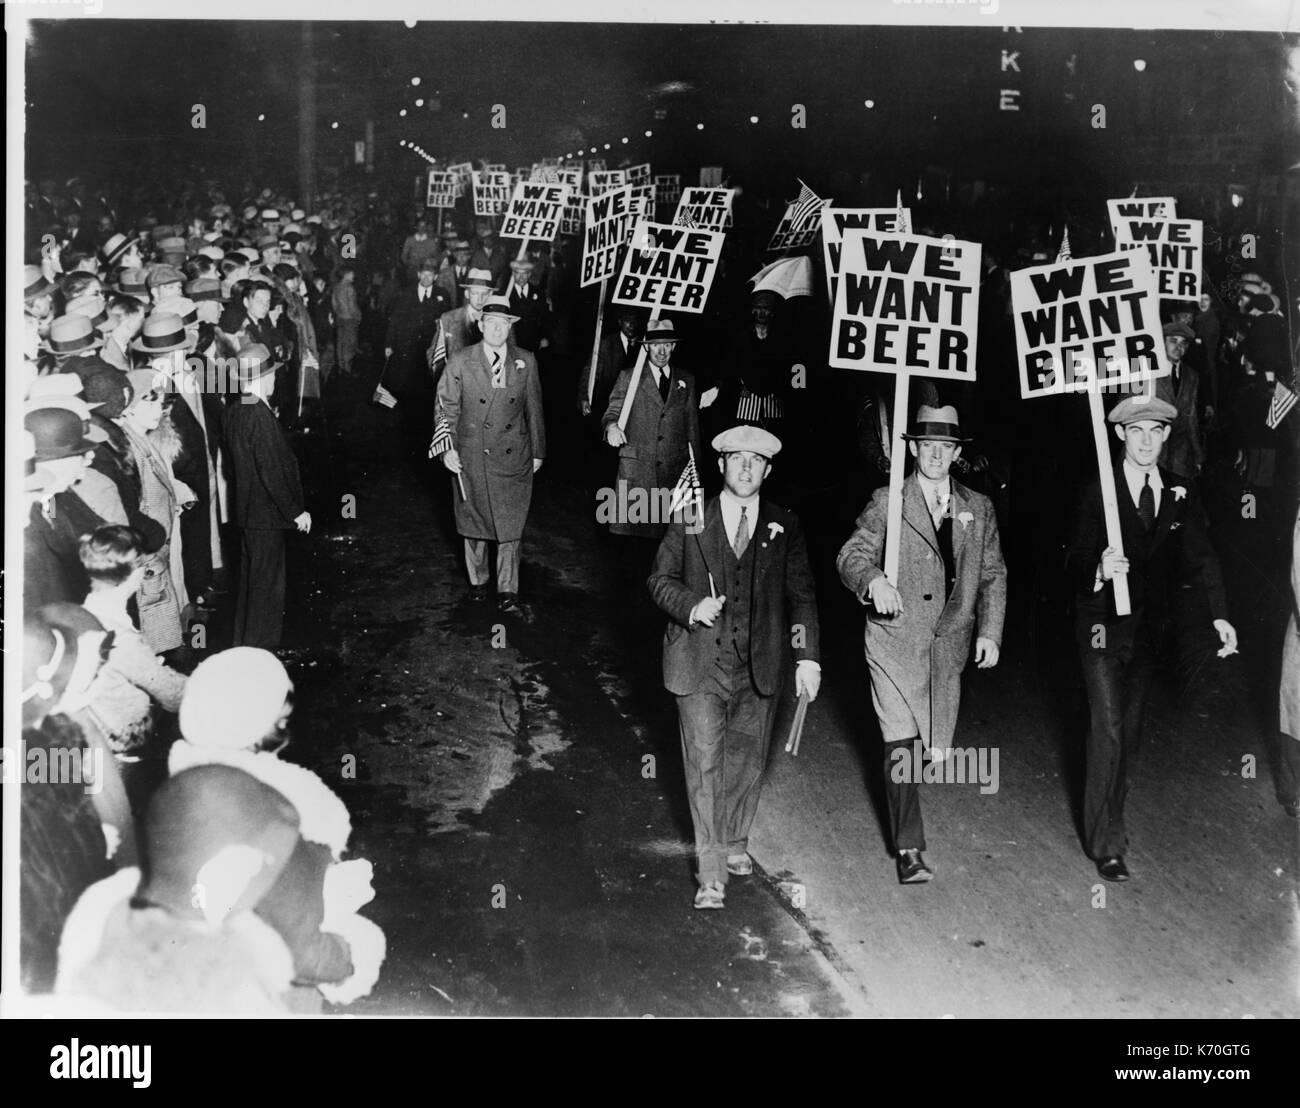 """Gewerkschaft Mitglieder marschieren durch Breite Straße, Newark New Jersey, Durchführung von Schildern mit der Aufschrift """"Wir wollen Bier"""" im Protest der Prohibition. 1931, Oktober 31. Stockbild"""